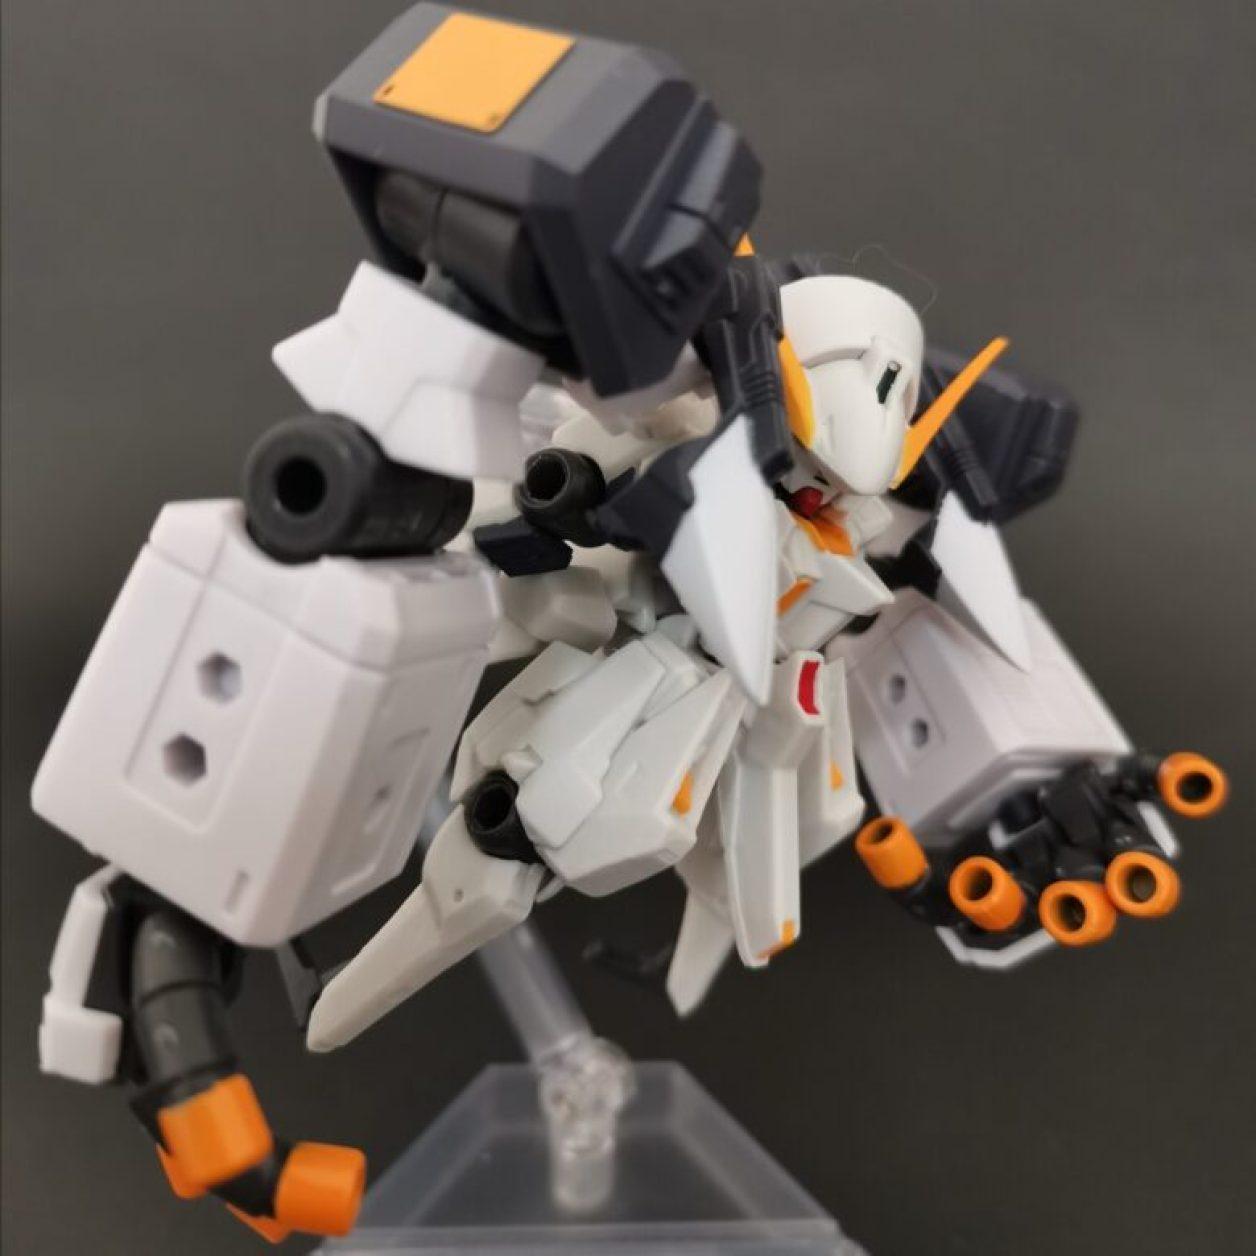 mobile suit ensemble (モビルスーツアンサンブル)ex23弾のガンダムtr-1[ヘイズル·アウスラ](ギガンティックアームユニット装備)と04弾のウーンドウォートを組み合わせたウーンドウォートラーにギガンティックアームユニットを装備させてニューフライングベースでディスプレイした画像